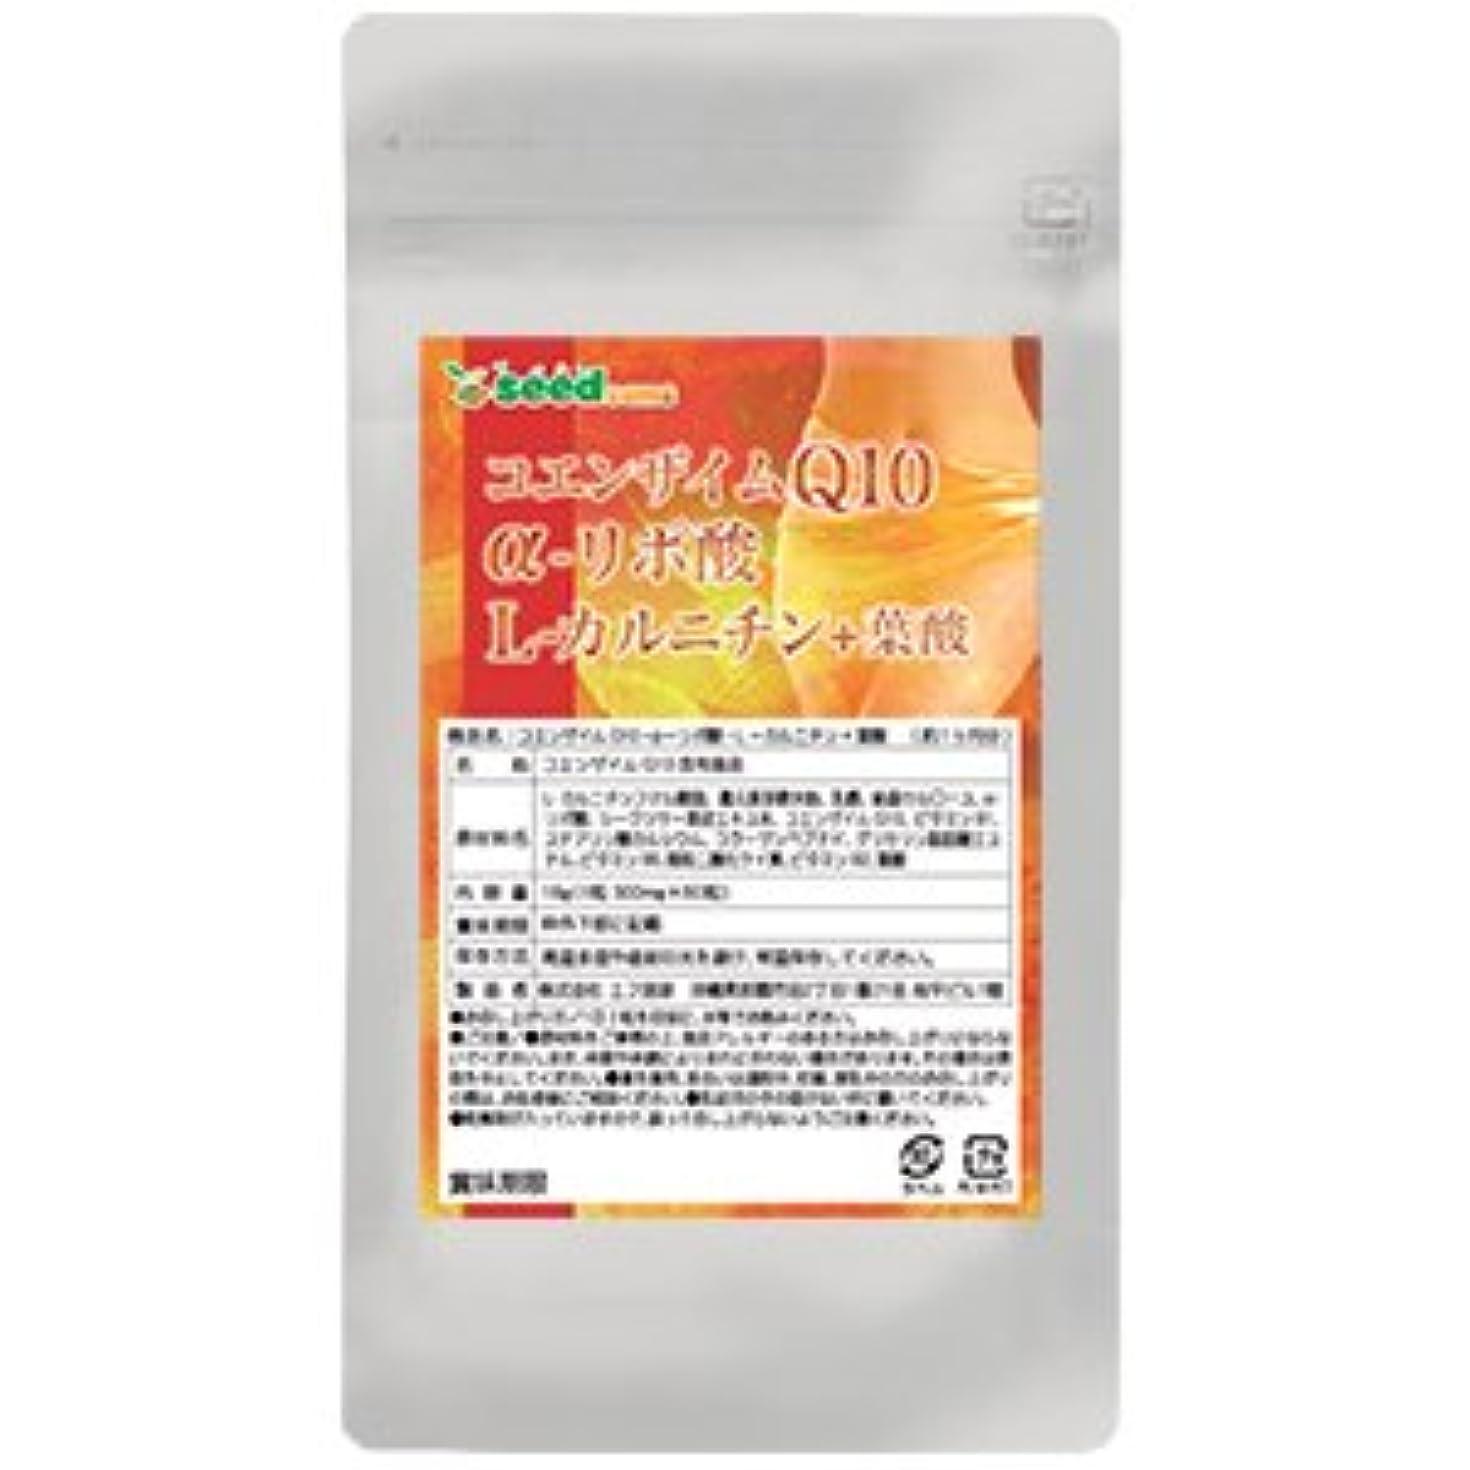 肥料突き出すニコチンコエンザイムQ10 α-リポ酸 L-カルニチン + 葉酸 (約3ヶ月分/180粒) シークワーサーエキス配合